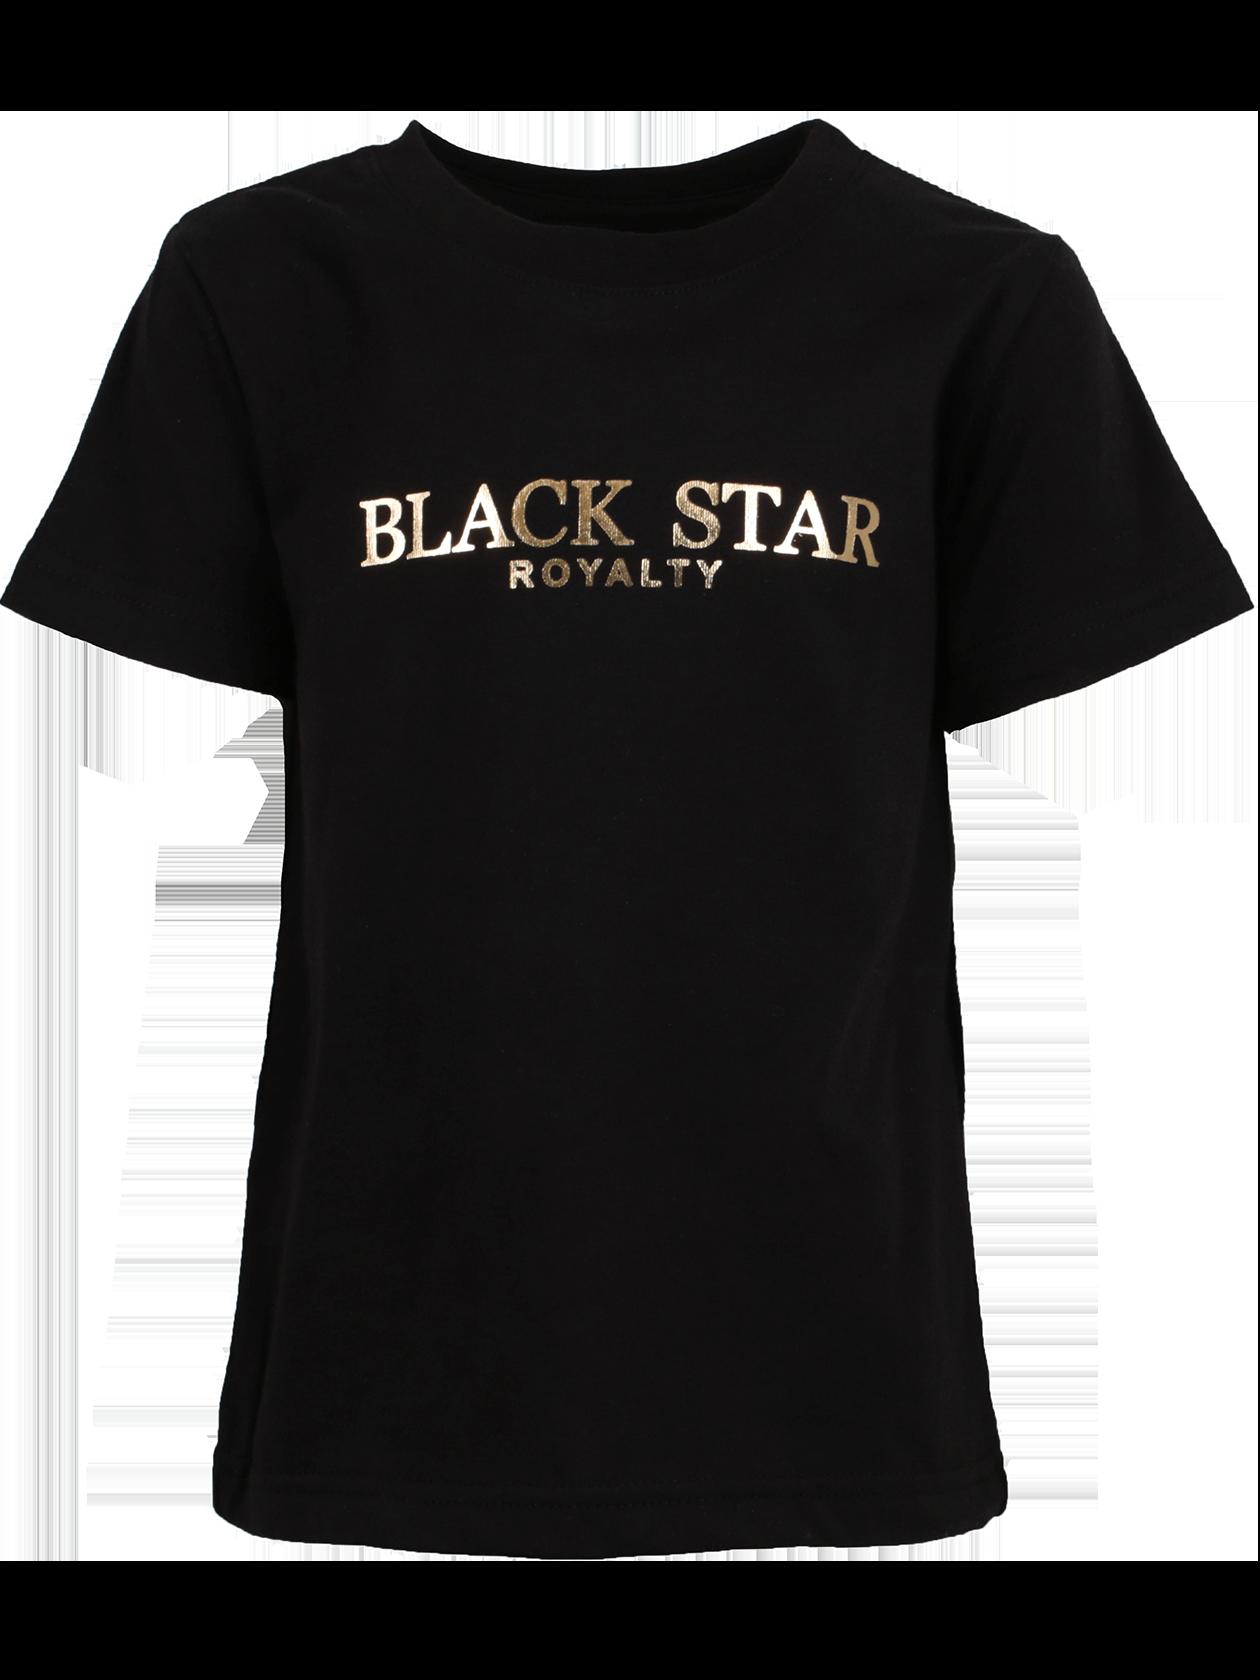 Футболка детская KIDS ROYALTY 13Стильная и практичная футболка детская Kids Royalty 13 – самая подходящая вещь на каждый день. Базовая черная расцветка, высококачественный хлопковый материал. Модель традиционного прямого кроя, силуэт свободный. Небольшой рукав, оптимальная глубина горловины. Внутри имеется жаккардовая нашивка Black Star Wear. Примечательная деталь – крупный принт с цифрой 13 на спине и надпись золотыми буквами Black Star Royalty на груди.<br><br>Размер: 7-8 years<br>Цвет: Черный<br>Пол: Унисекс